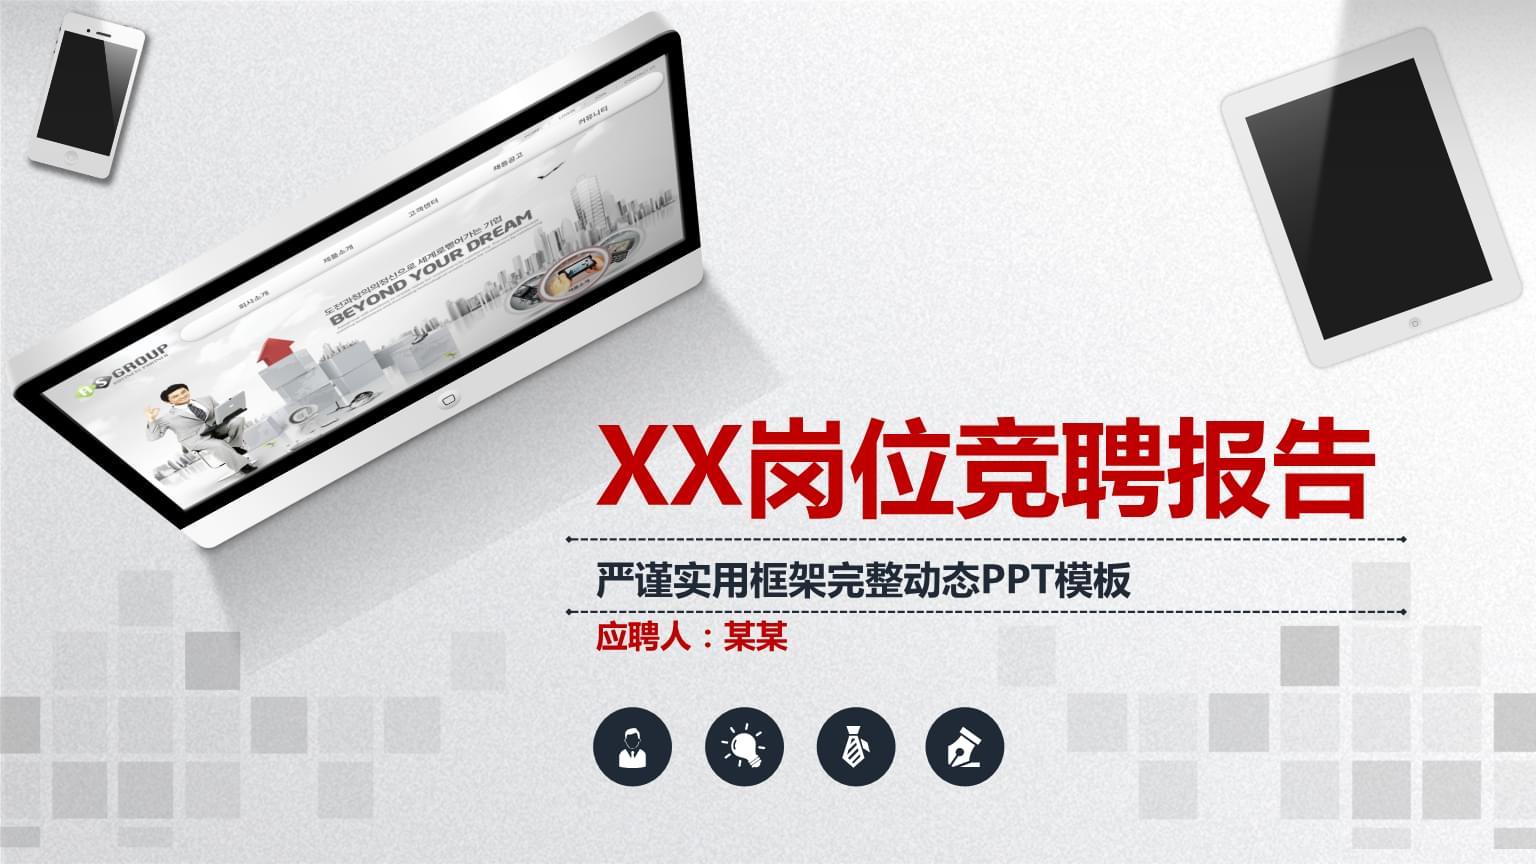 求职竞聘 严谨实用框架完整动态PPT模板.pptx